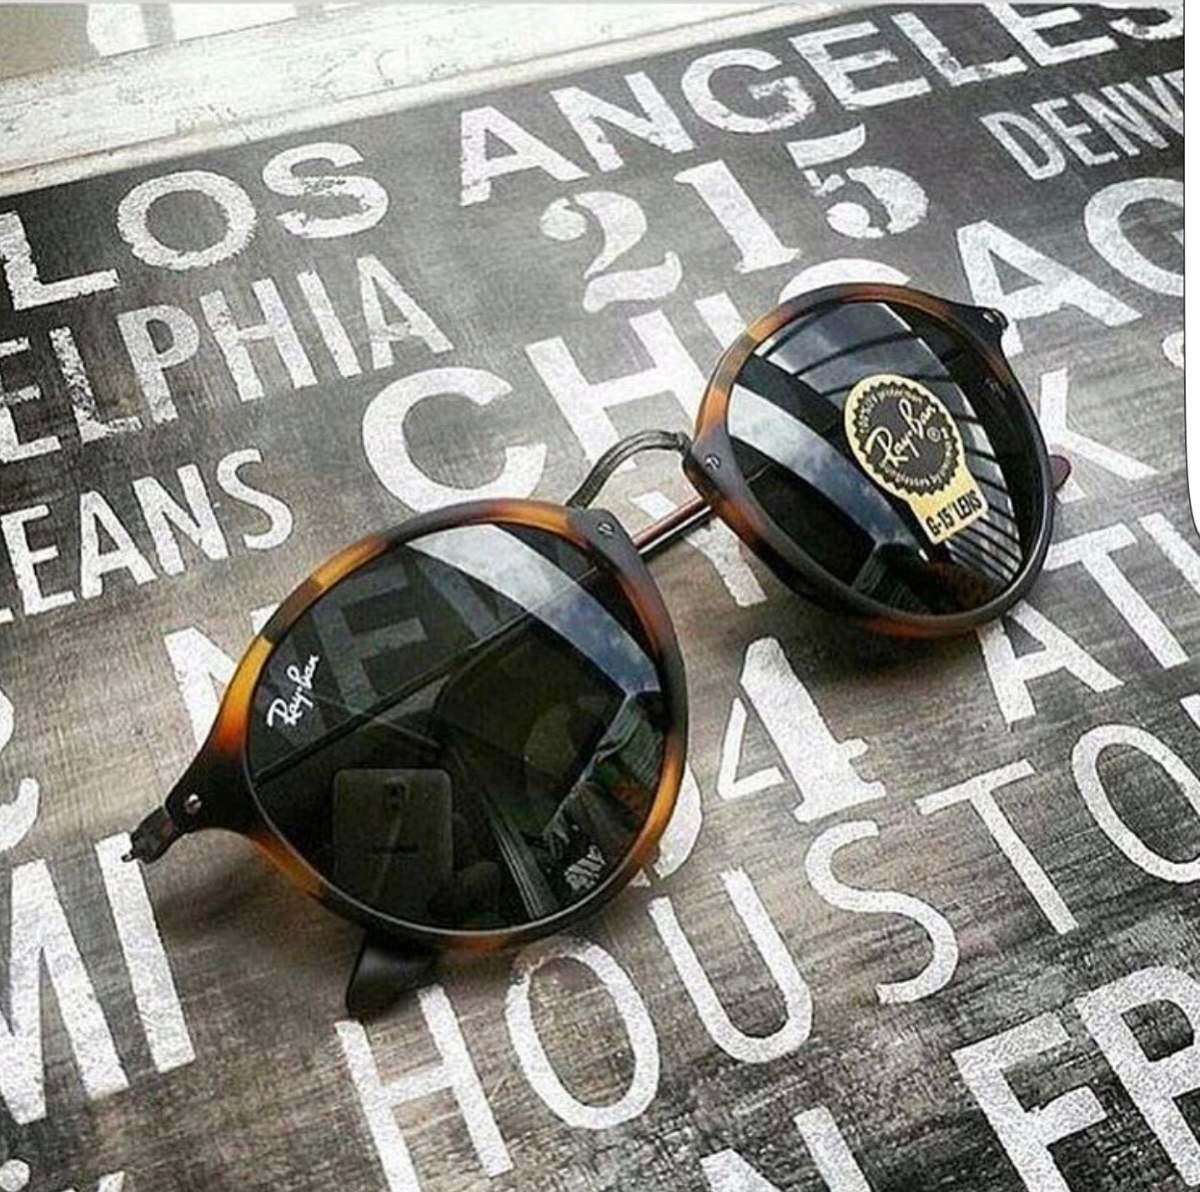 ... fleck tartaruga g15 verde original 2447 · óculos ray ban round.  Carregando zoom. dc5d7eccb5